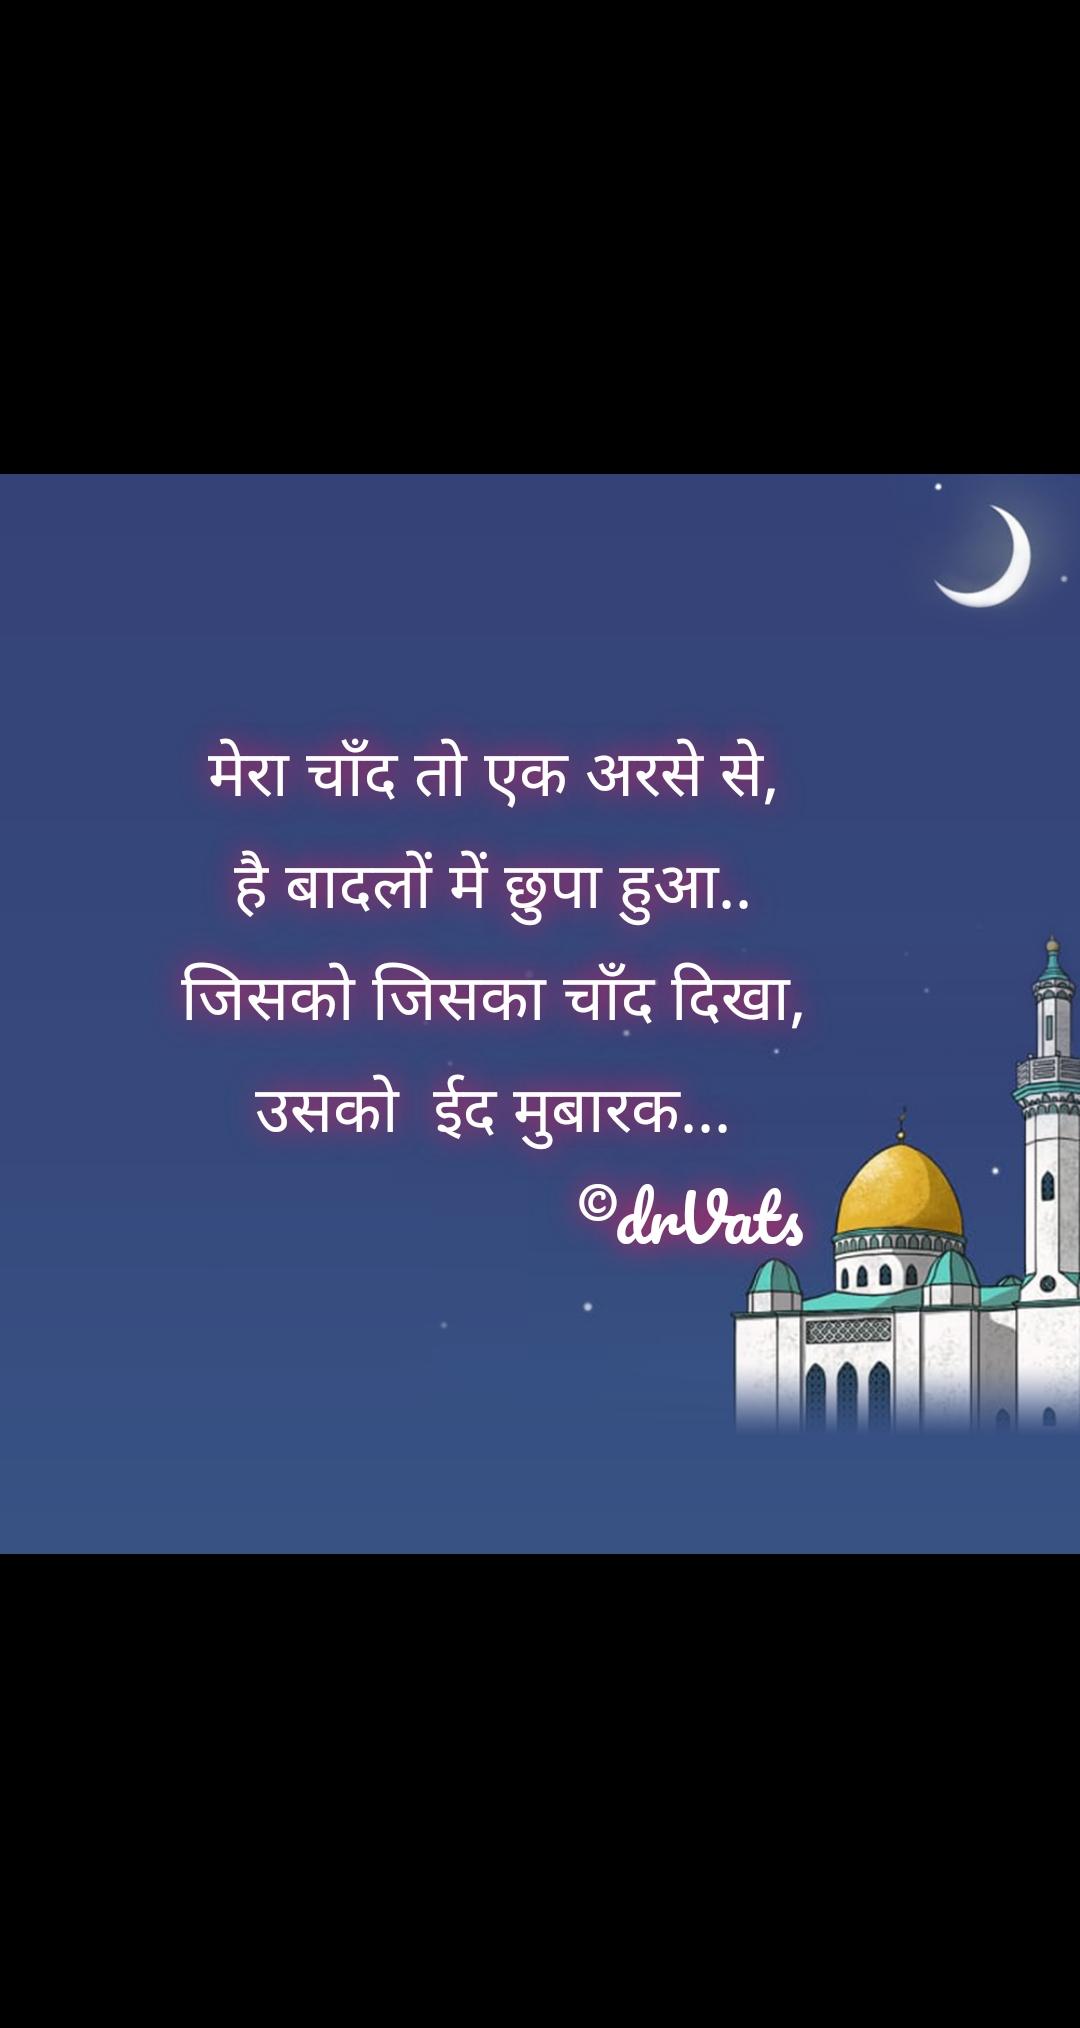 मेरा चाँद तो एक अरसे से, है बादलों में छुपा हुआ.. जिसको जिसका चाँद दिखा, उसको  ईद मुबारक...                        ©drVats